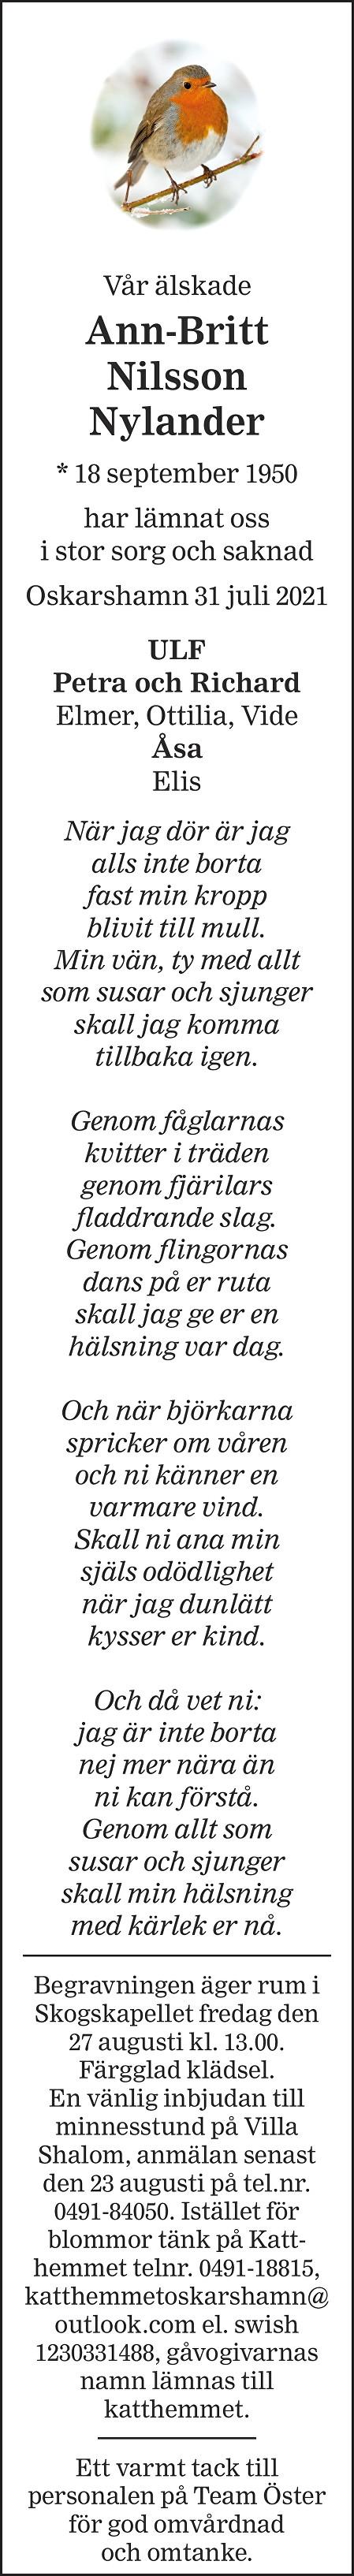 Ann-Britt Nilsson Nylander Death notice